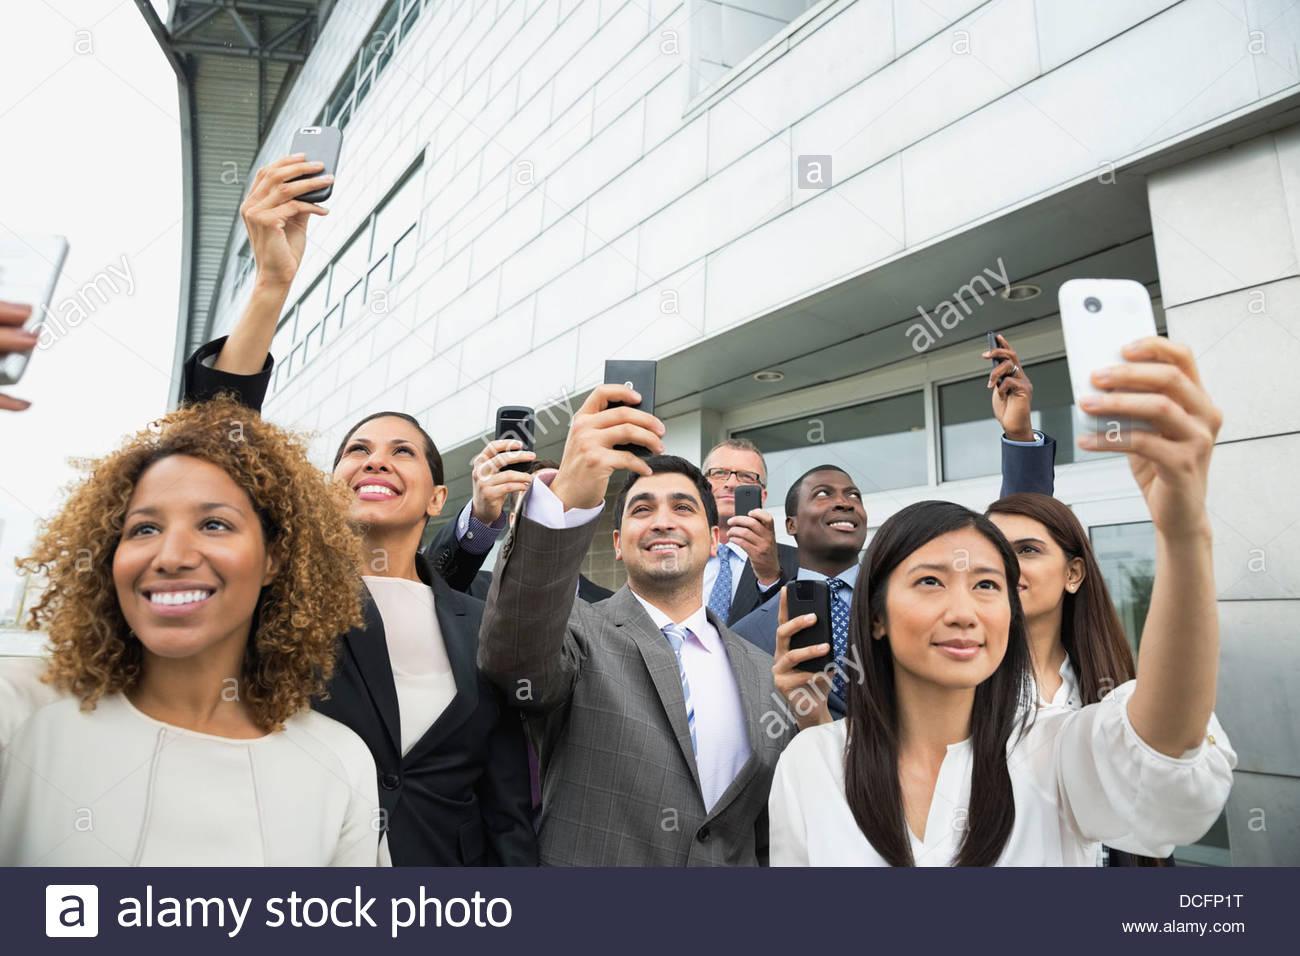 El grupo de gente de negocios tomando fotos con teléfonos inteligentes Imagen De Stock